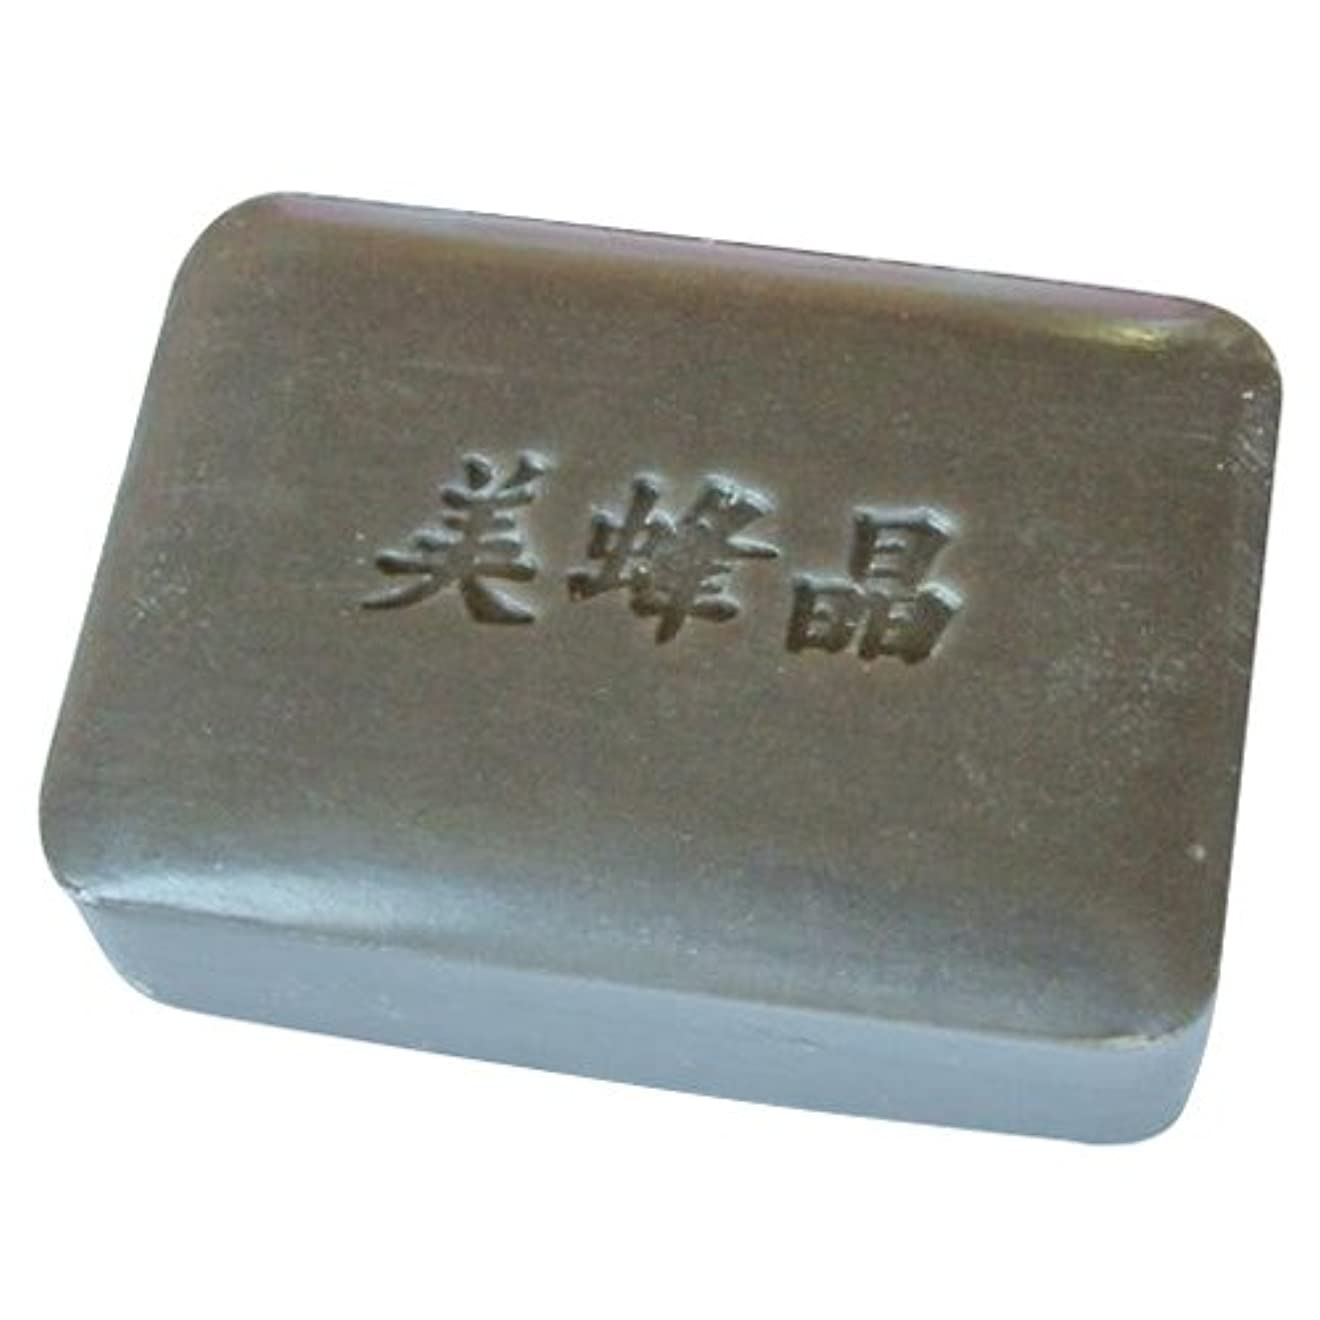 経済的人気評価する鈴木養蜂場 プロポリス石鹸 美蜂晶100g 2個セット